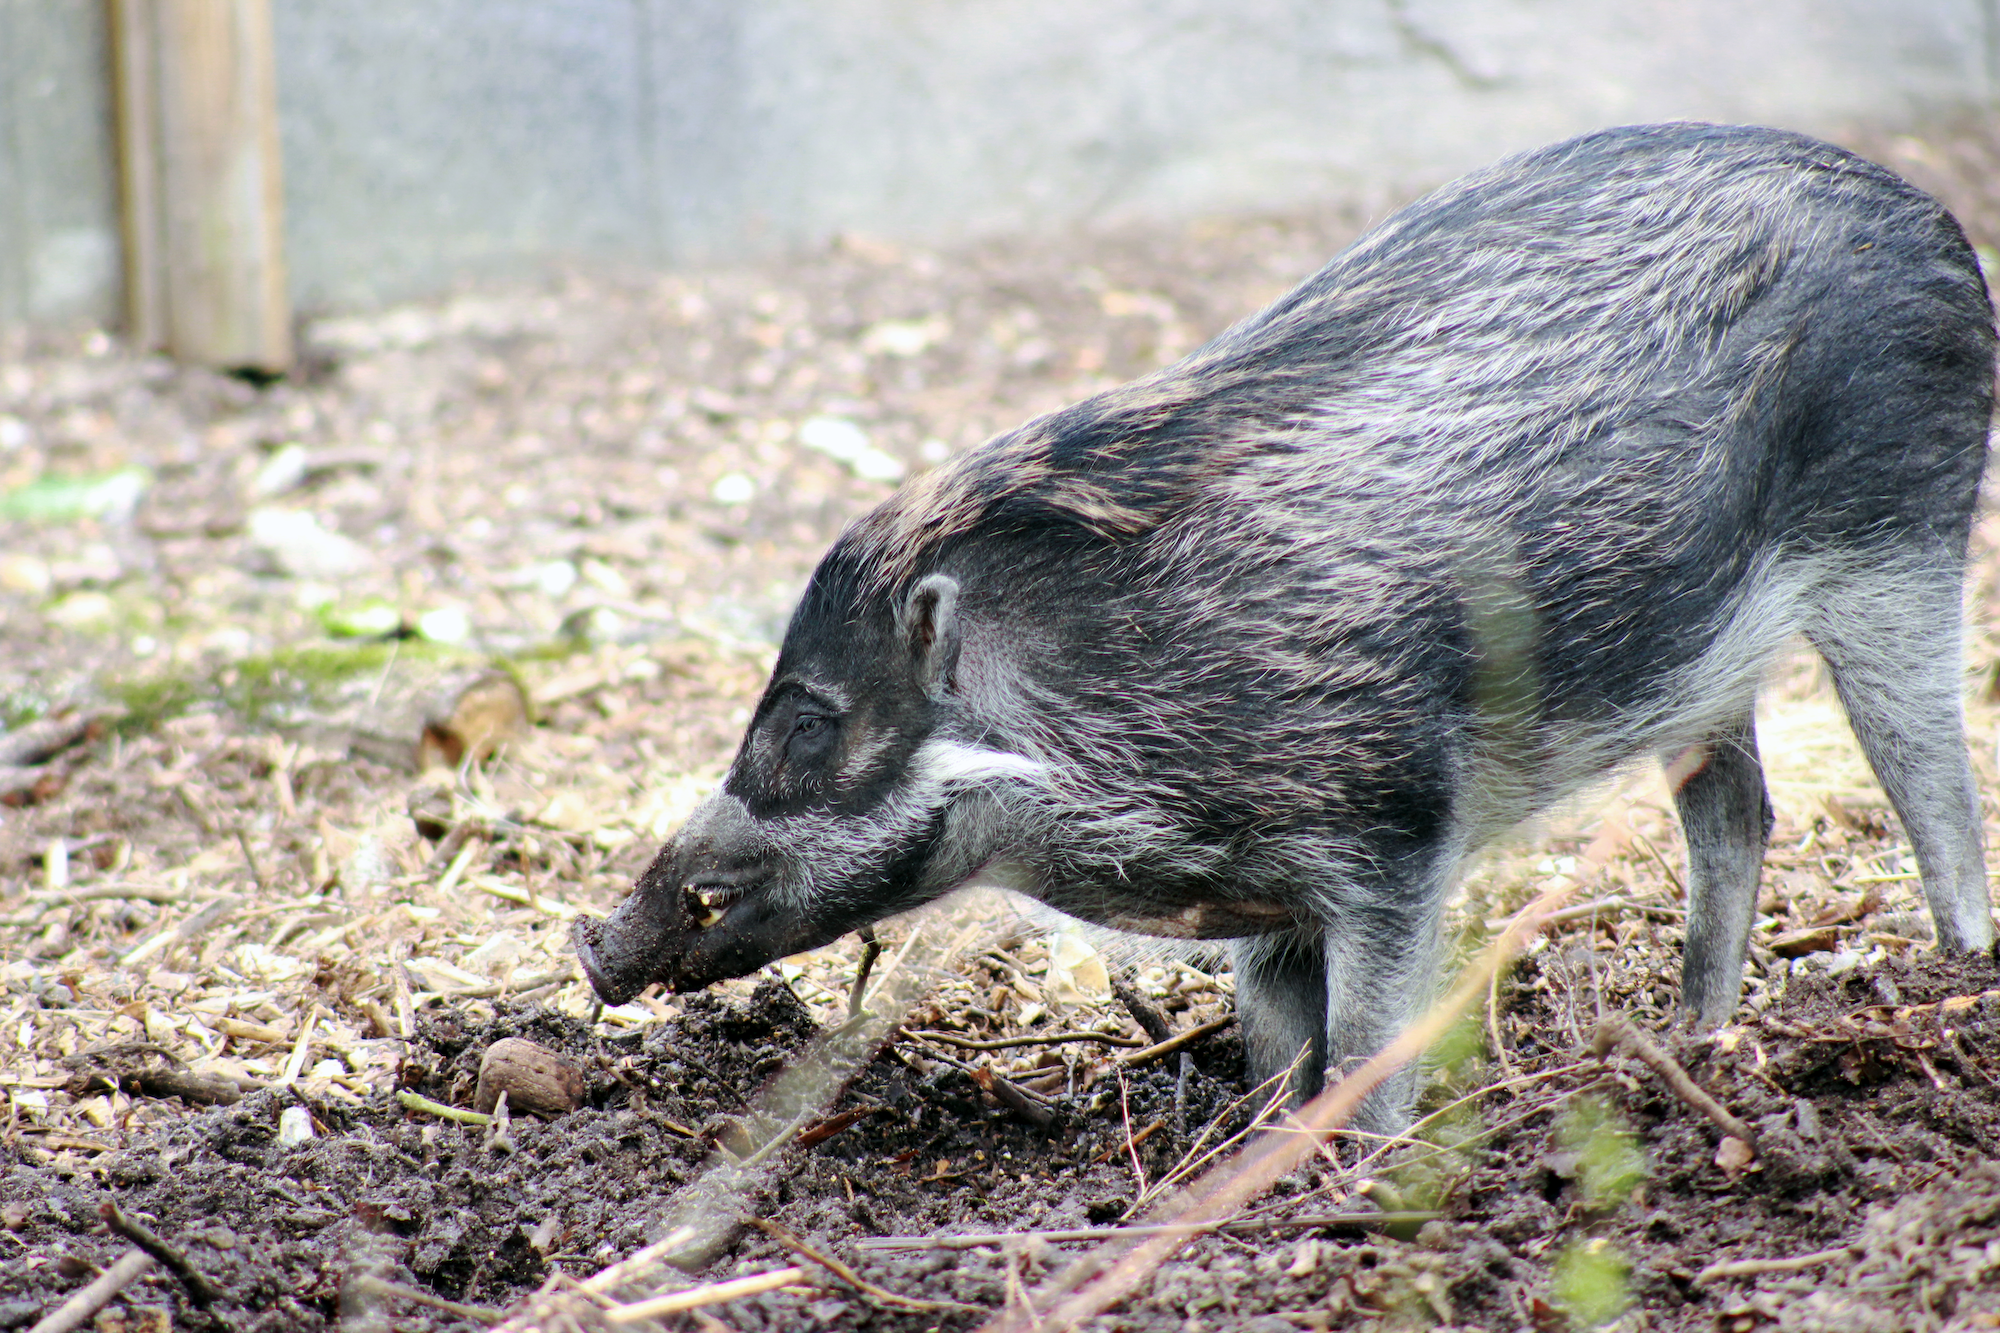 Visayan_warty_pig_at_marwell_zoo